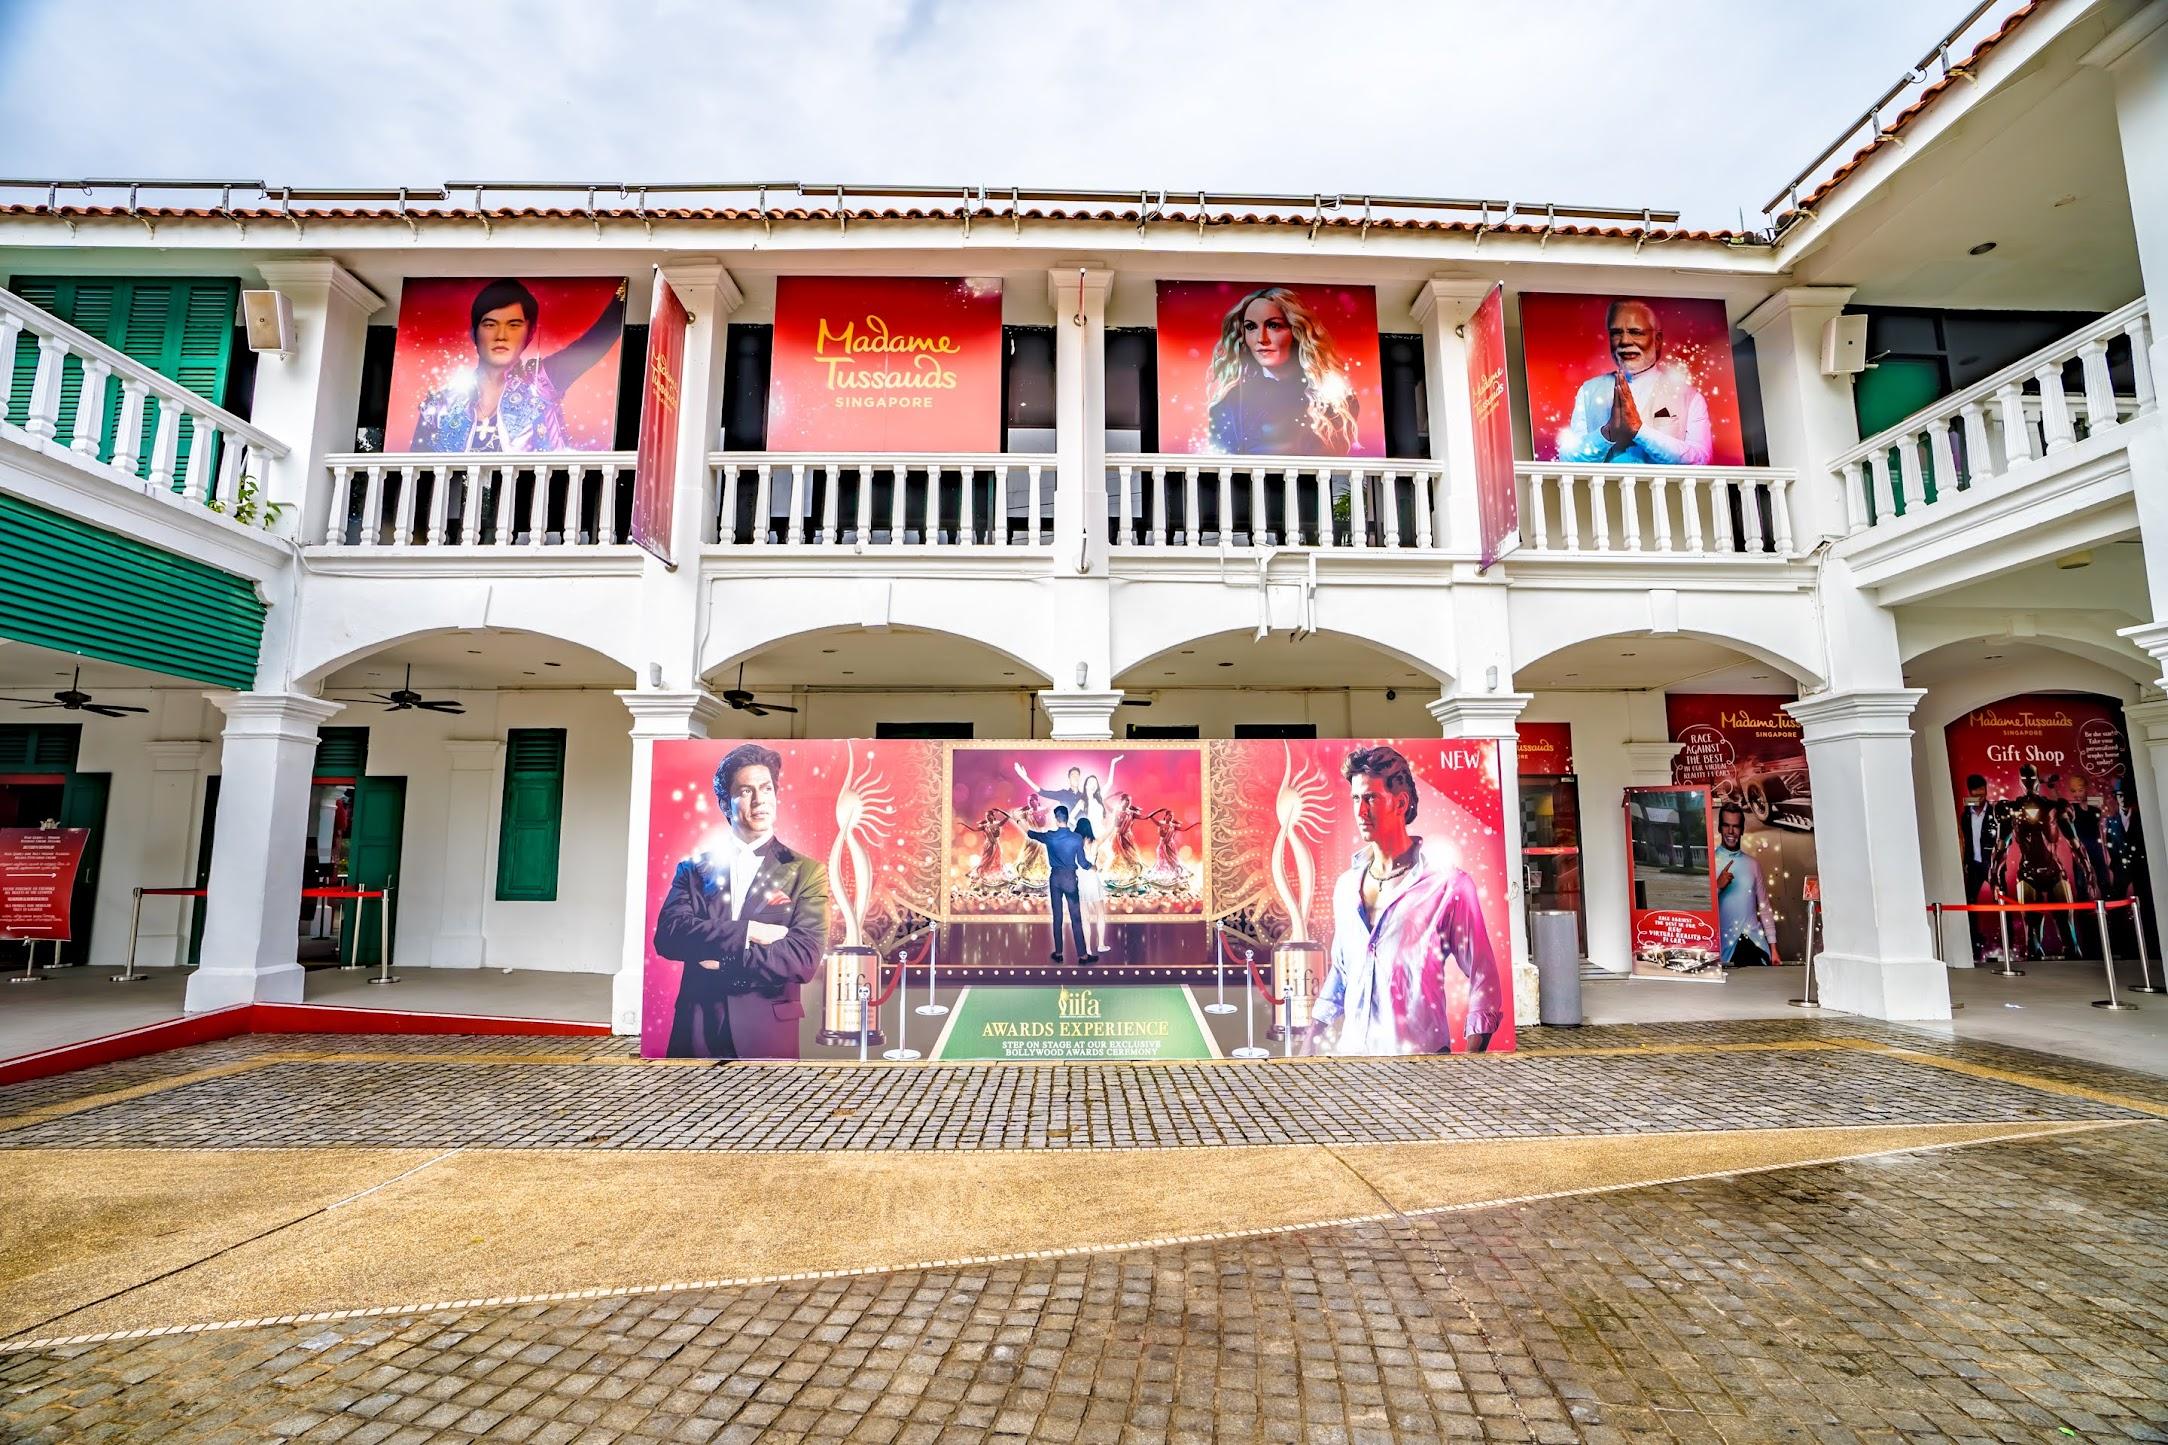 Singapore Sentosa Island Madame Tussauds